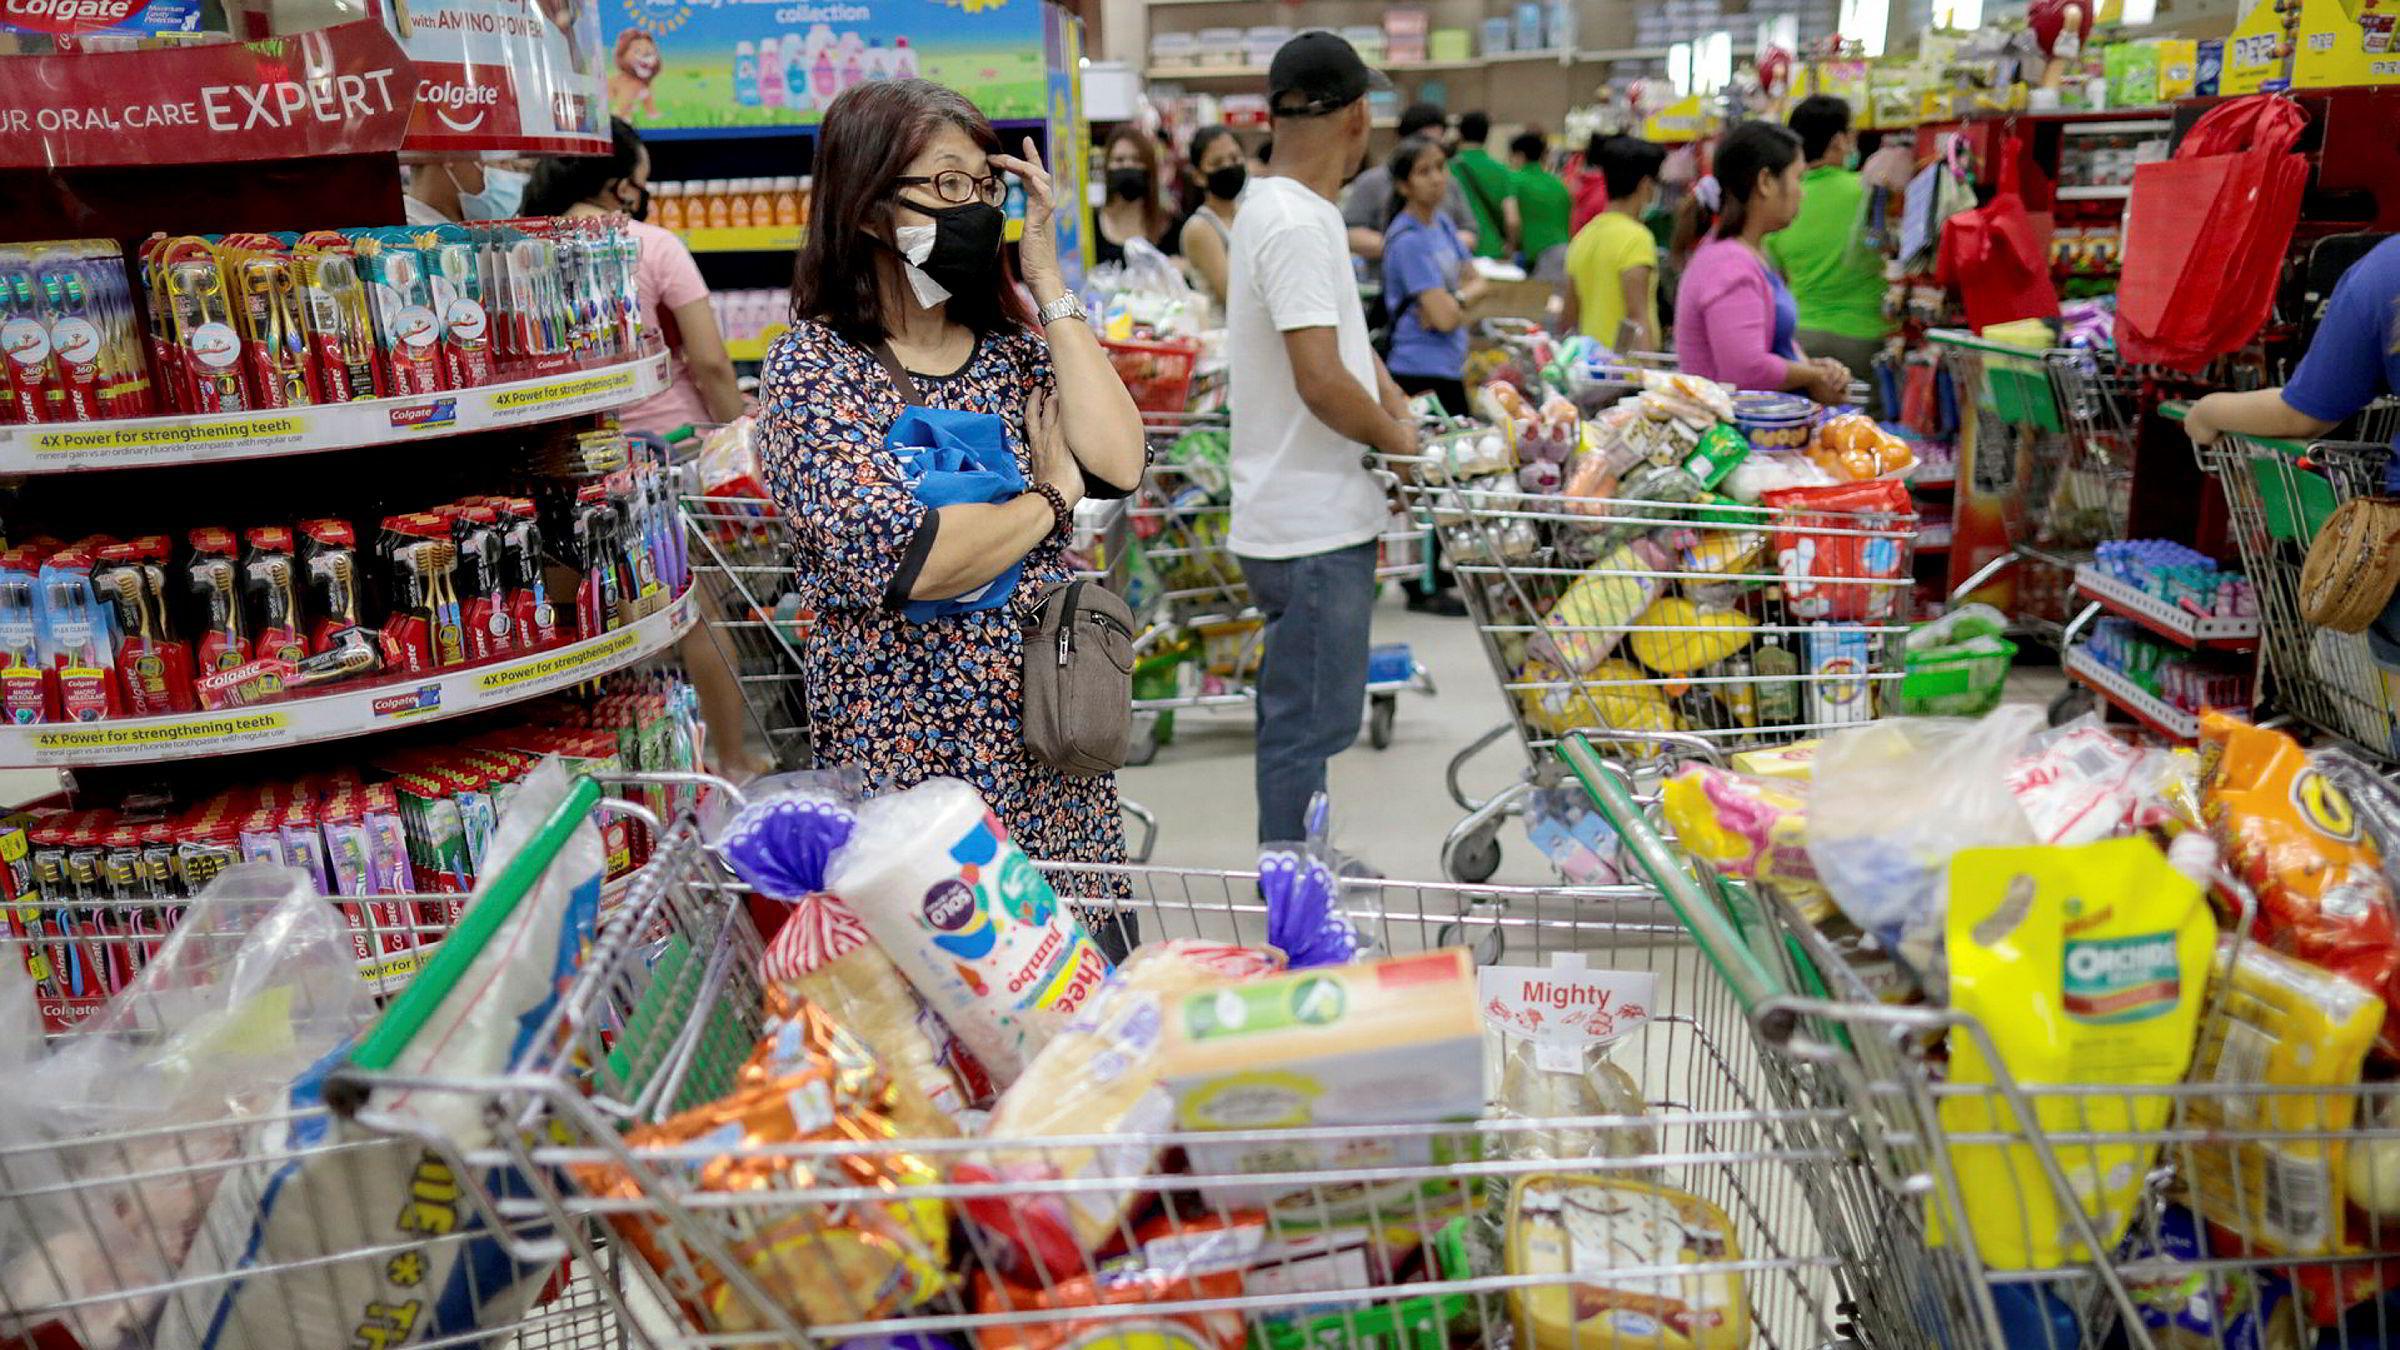 Filippinene stenger hovedstaden Manila – og børsen – den neste måneden. Malaysia stenger grensene i to uker og vil stenge nesten alt av butikker, med unntak av matbutikker. Her fra et kjøpesenter i Manila.